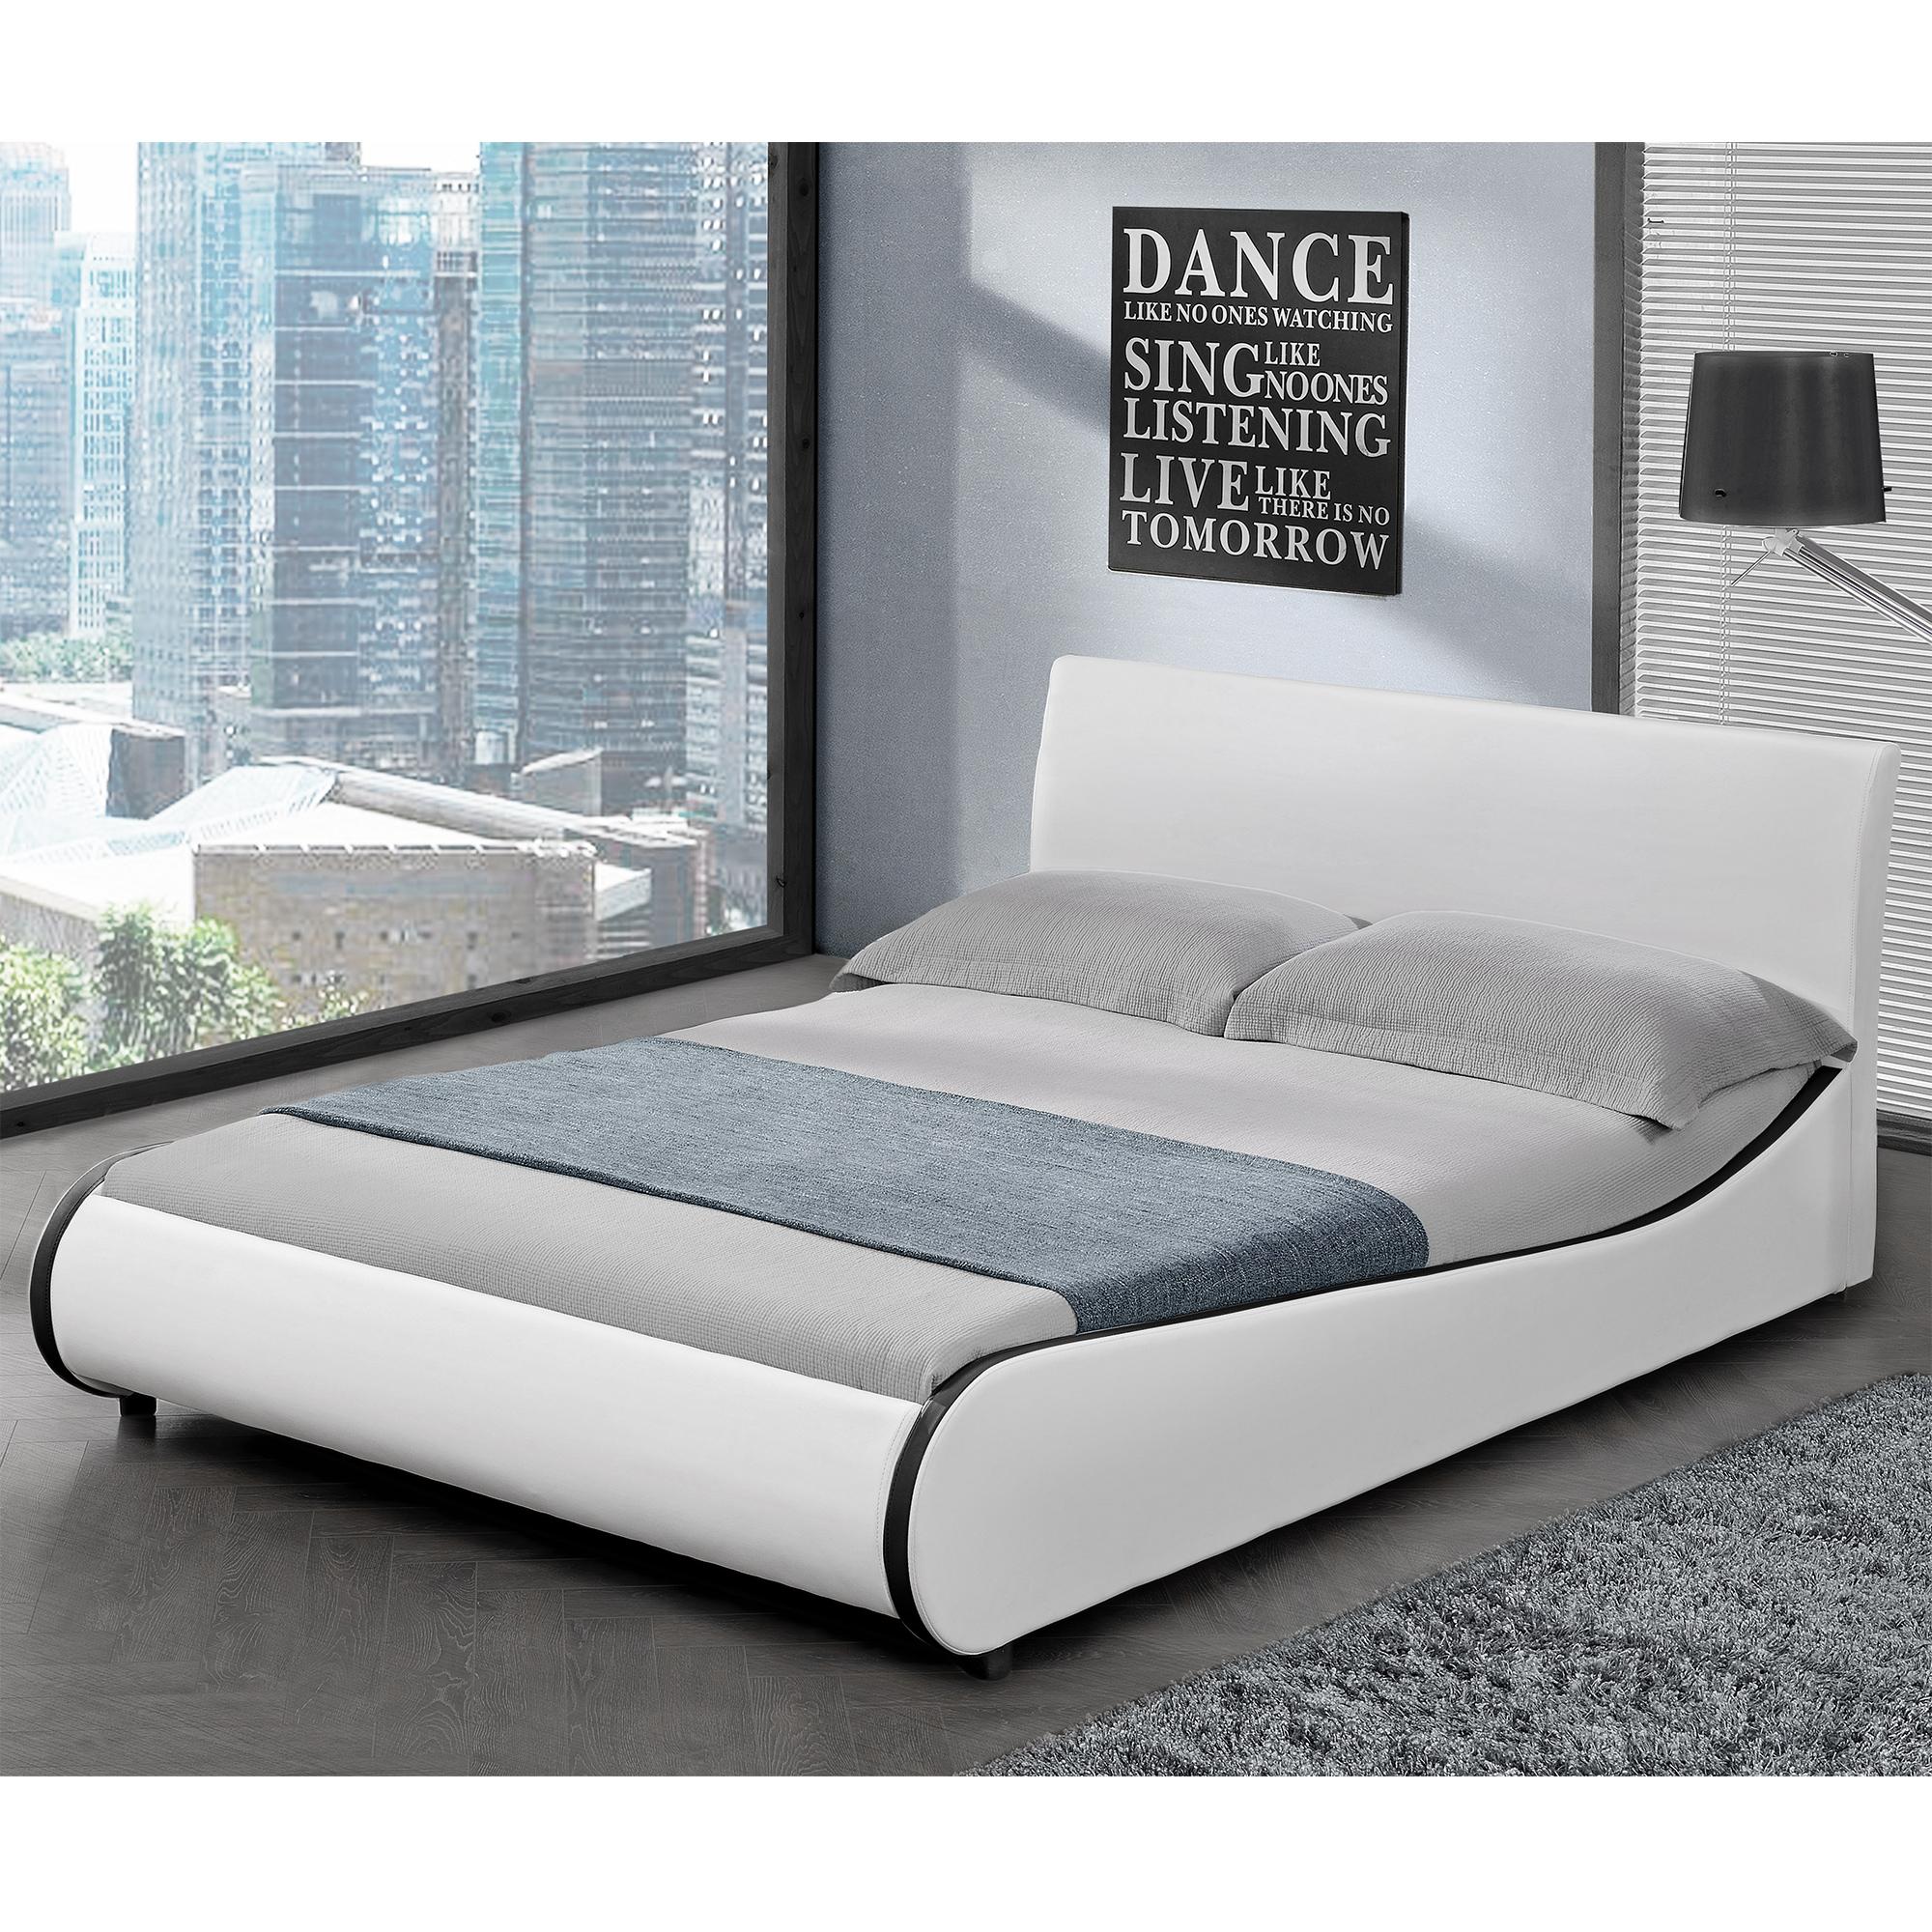 kaltschaum matratze 140x200 cm visco premium komfort rollmatratze ebay. Black Bedroom Furniture Sets. Home Design Ideas